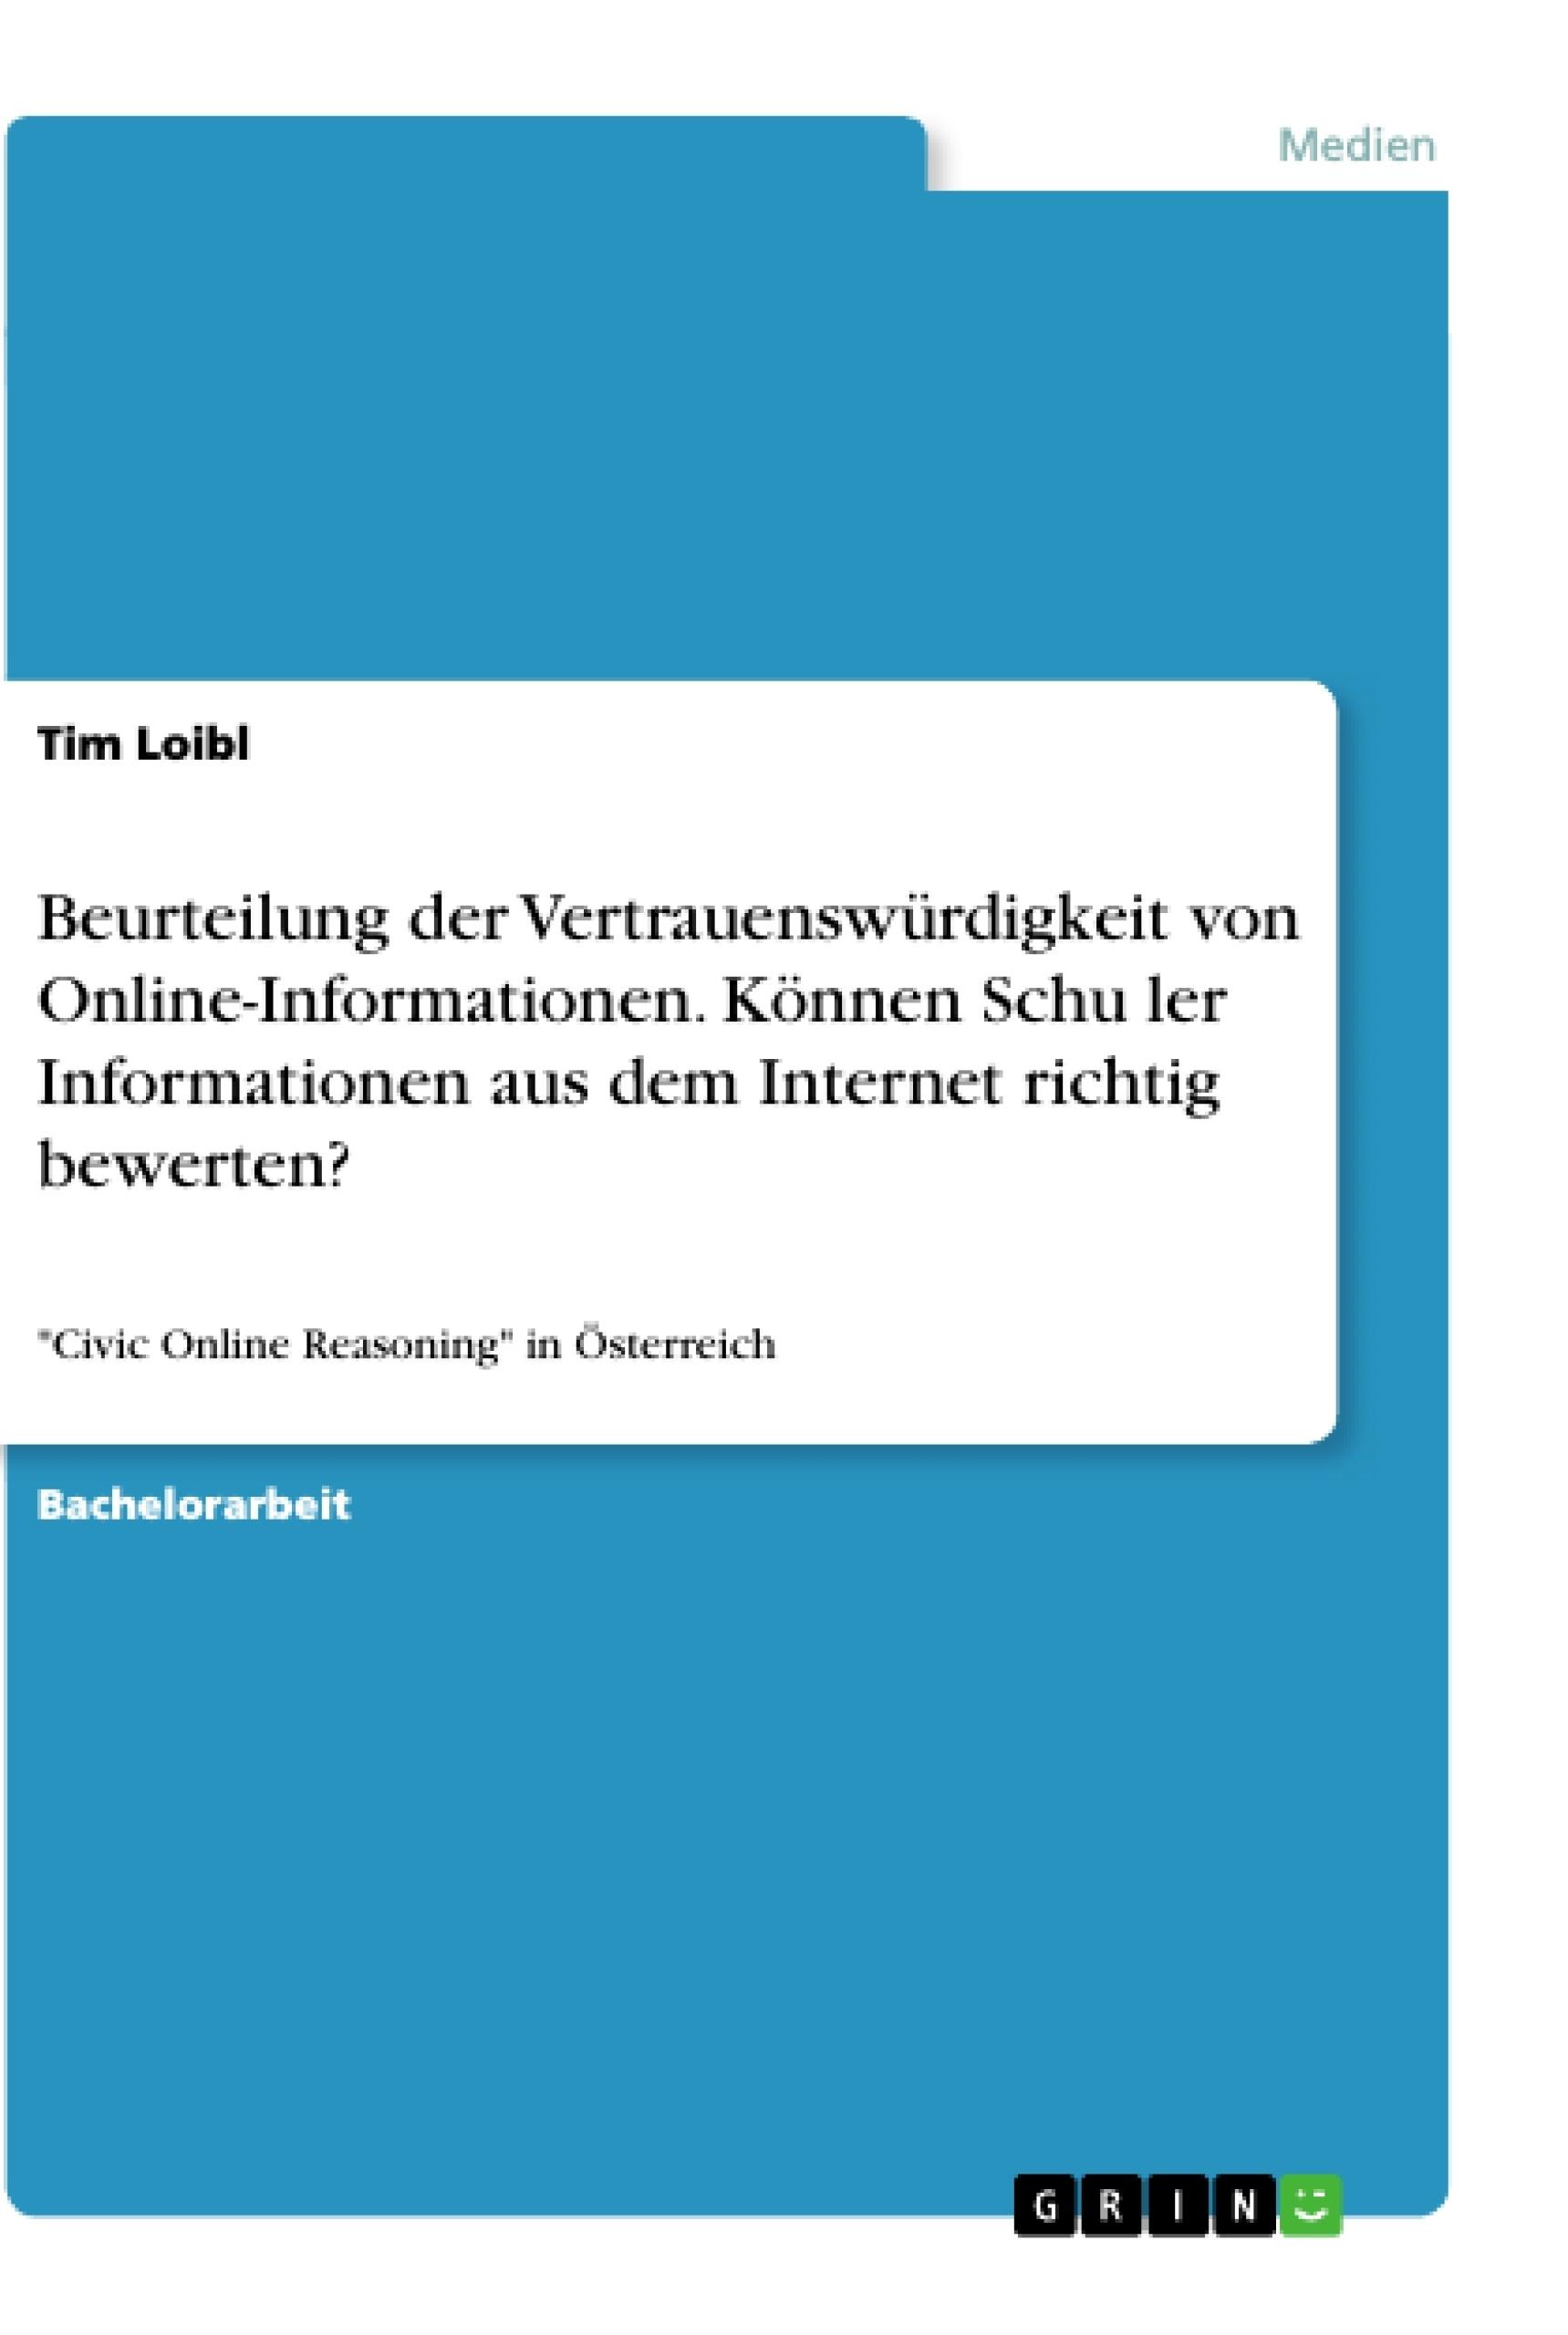 Titel: Beurteilung der Vertrauenswürdigkeit von Online-Informationen. Können Schüler Informationen aus dem Internet richtig bewerten?